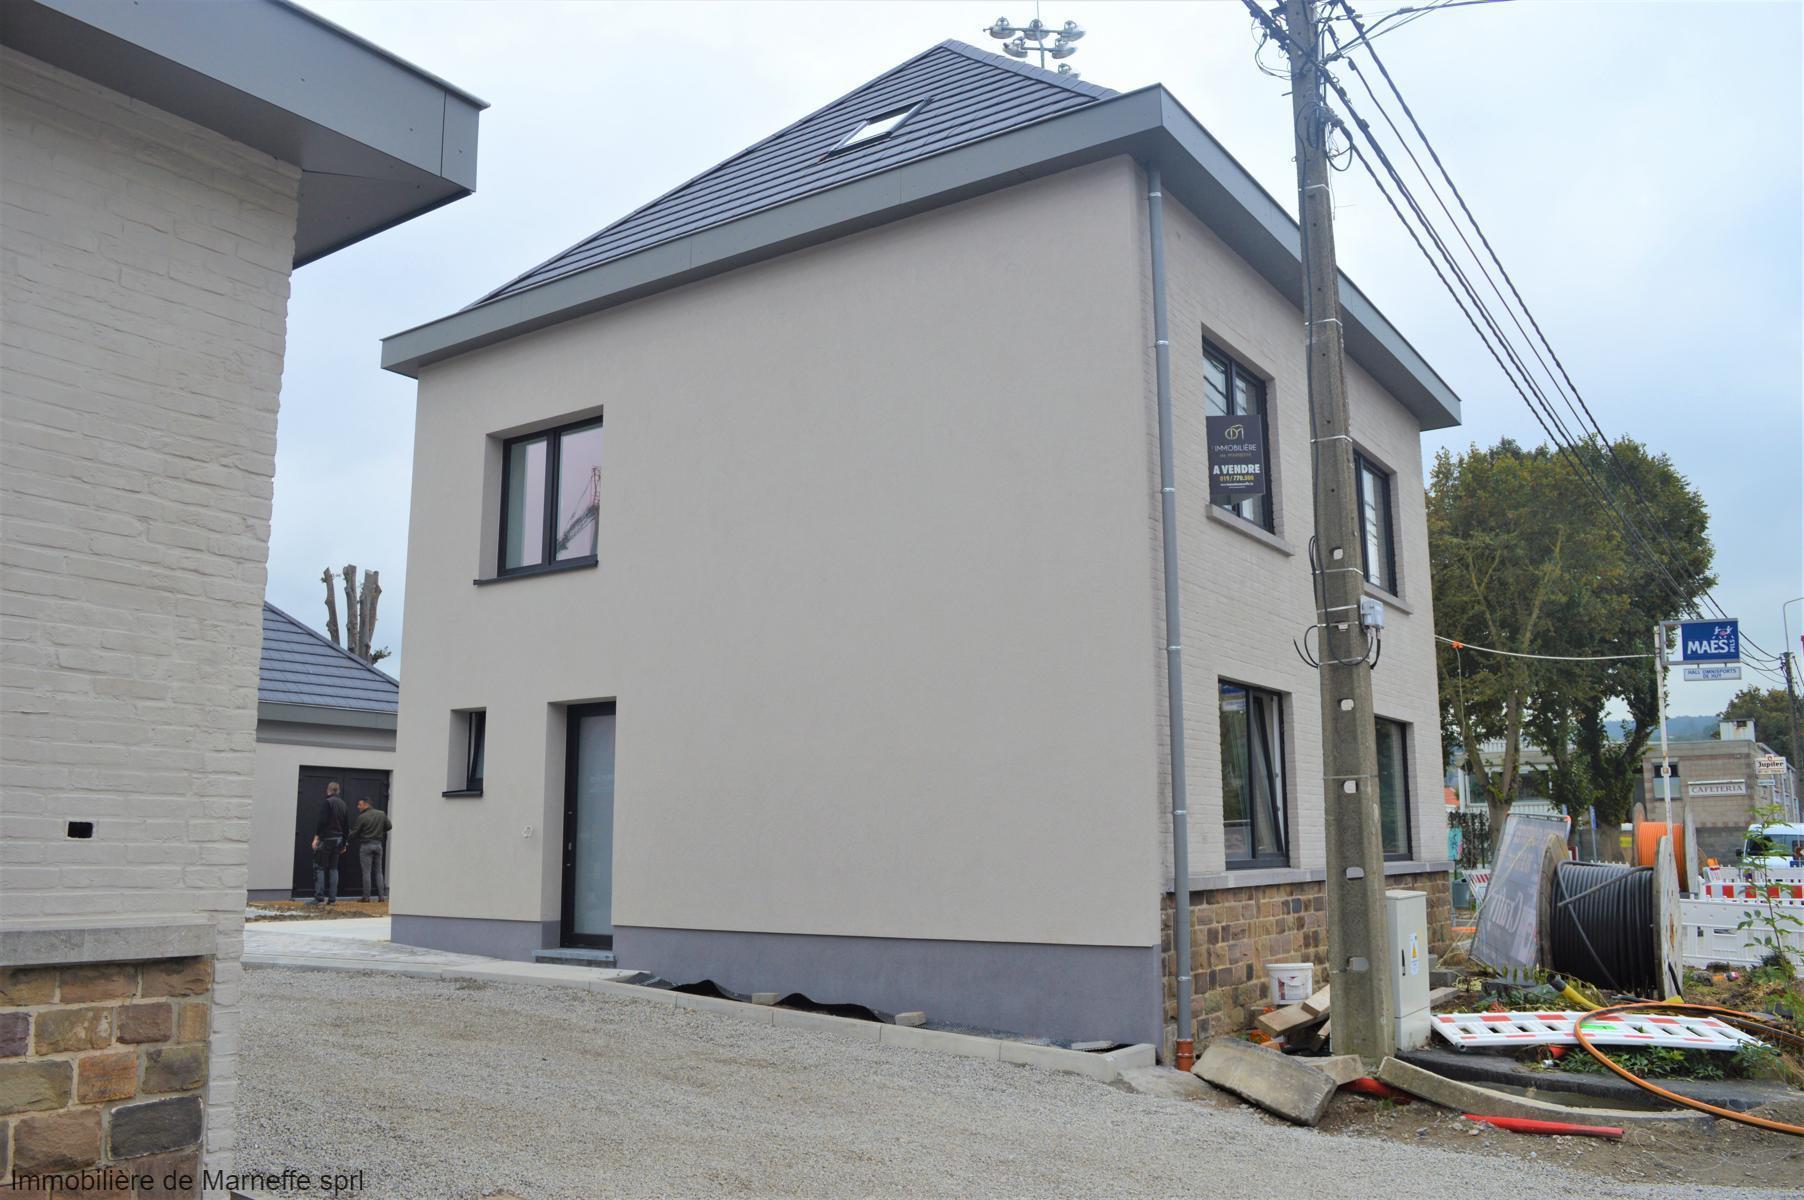 Maison - Huy - #4536248-21